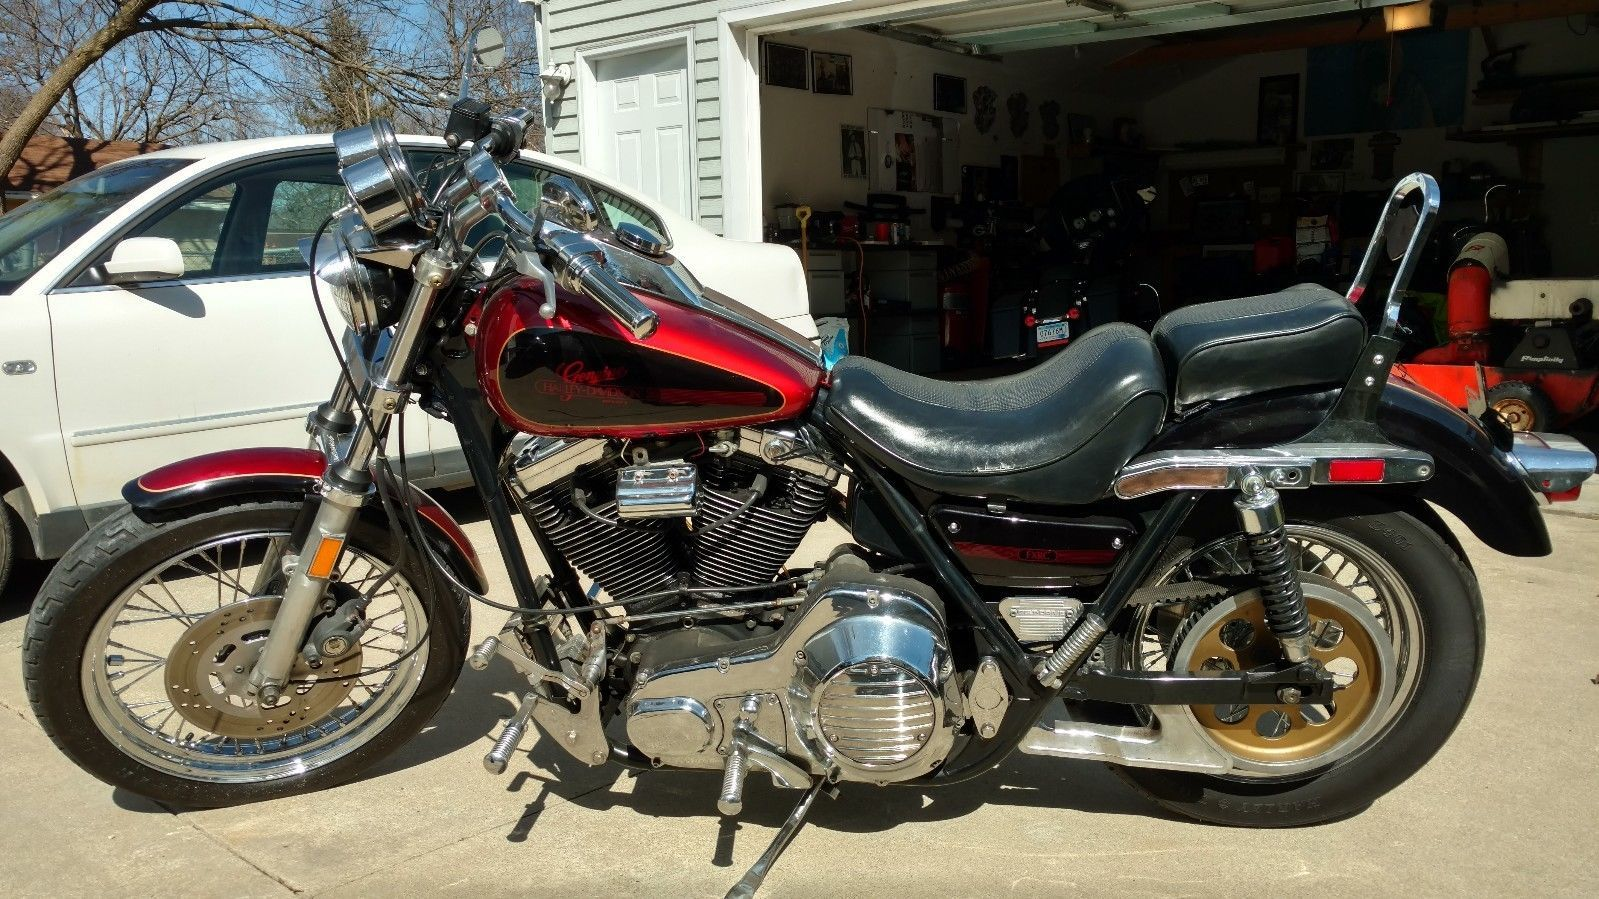 eBay: 1986 Harley-Davidson FXR Harley Davidson FXRC